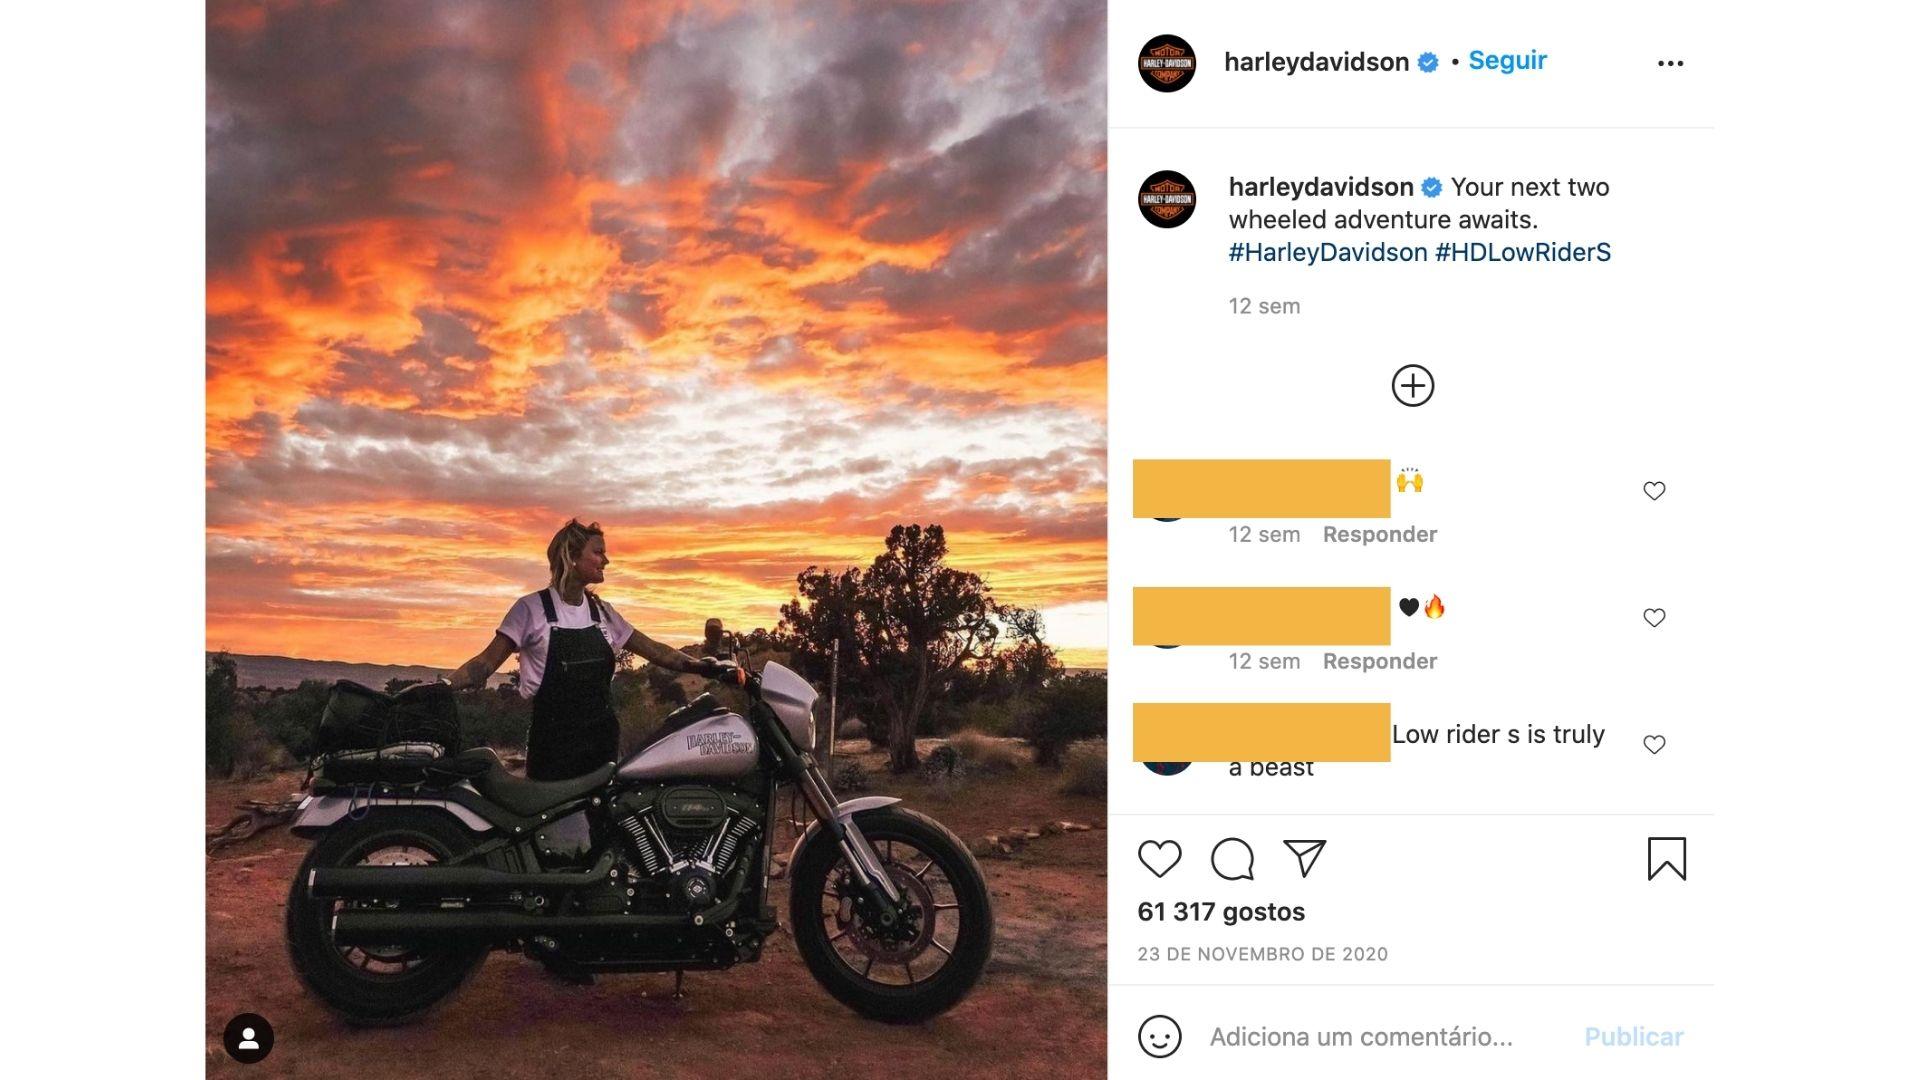 Publicação do instagram da harley davidson